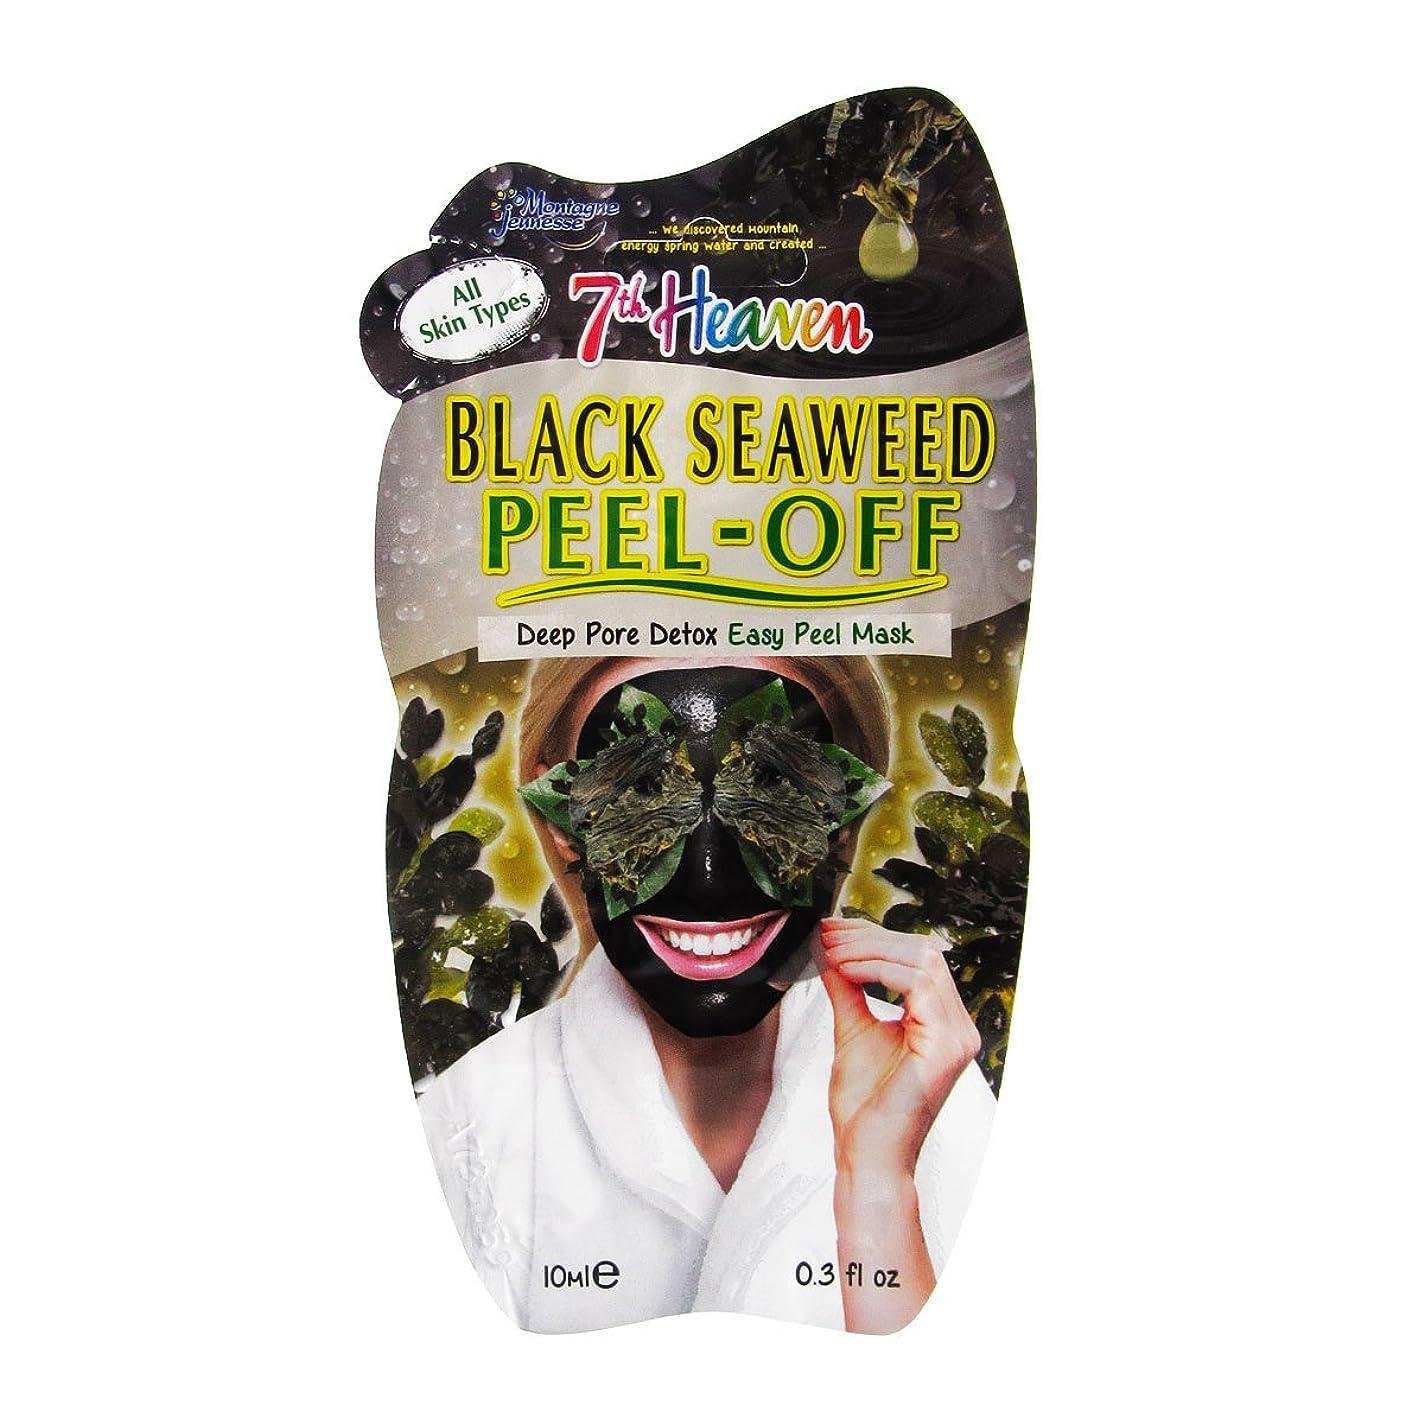 シアーモナリザ争うMontagne Jeunesse Black Seadweed Peel-off Mask 10ml [並行輸入品]